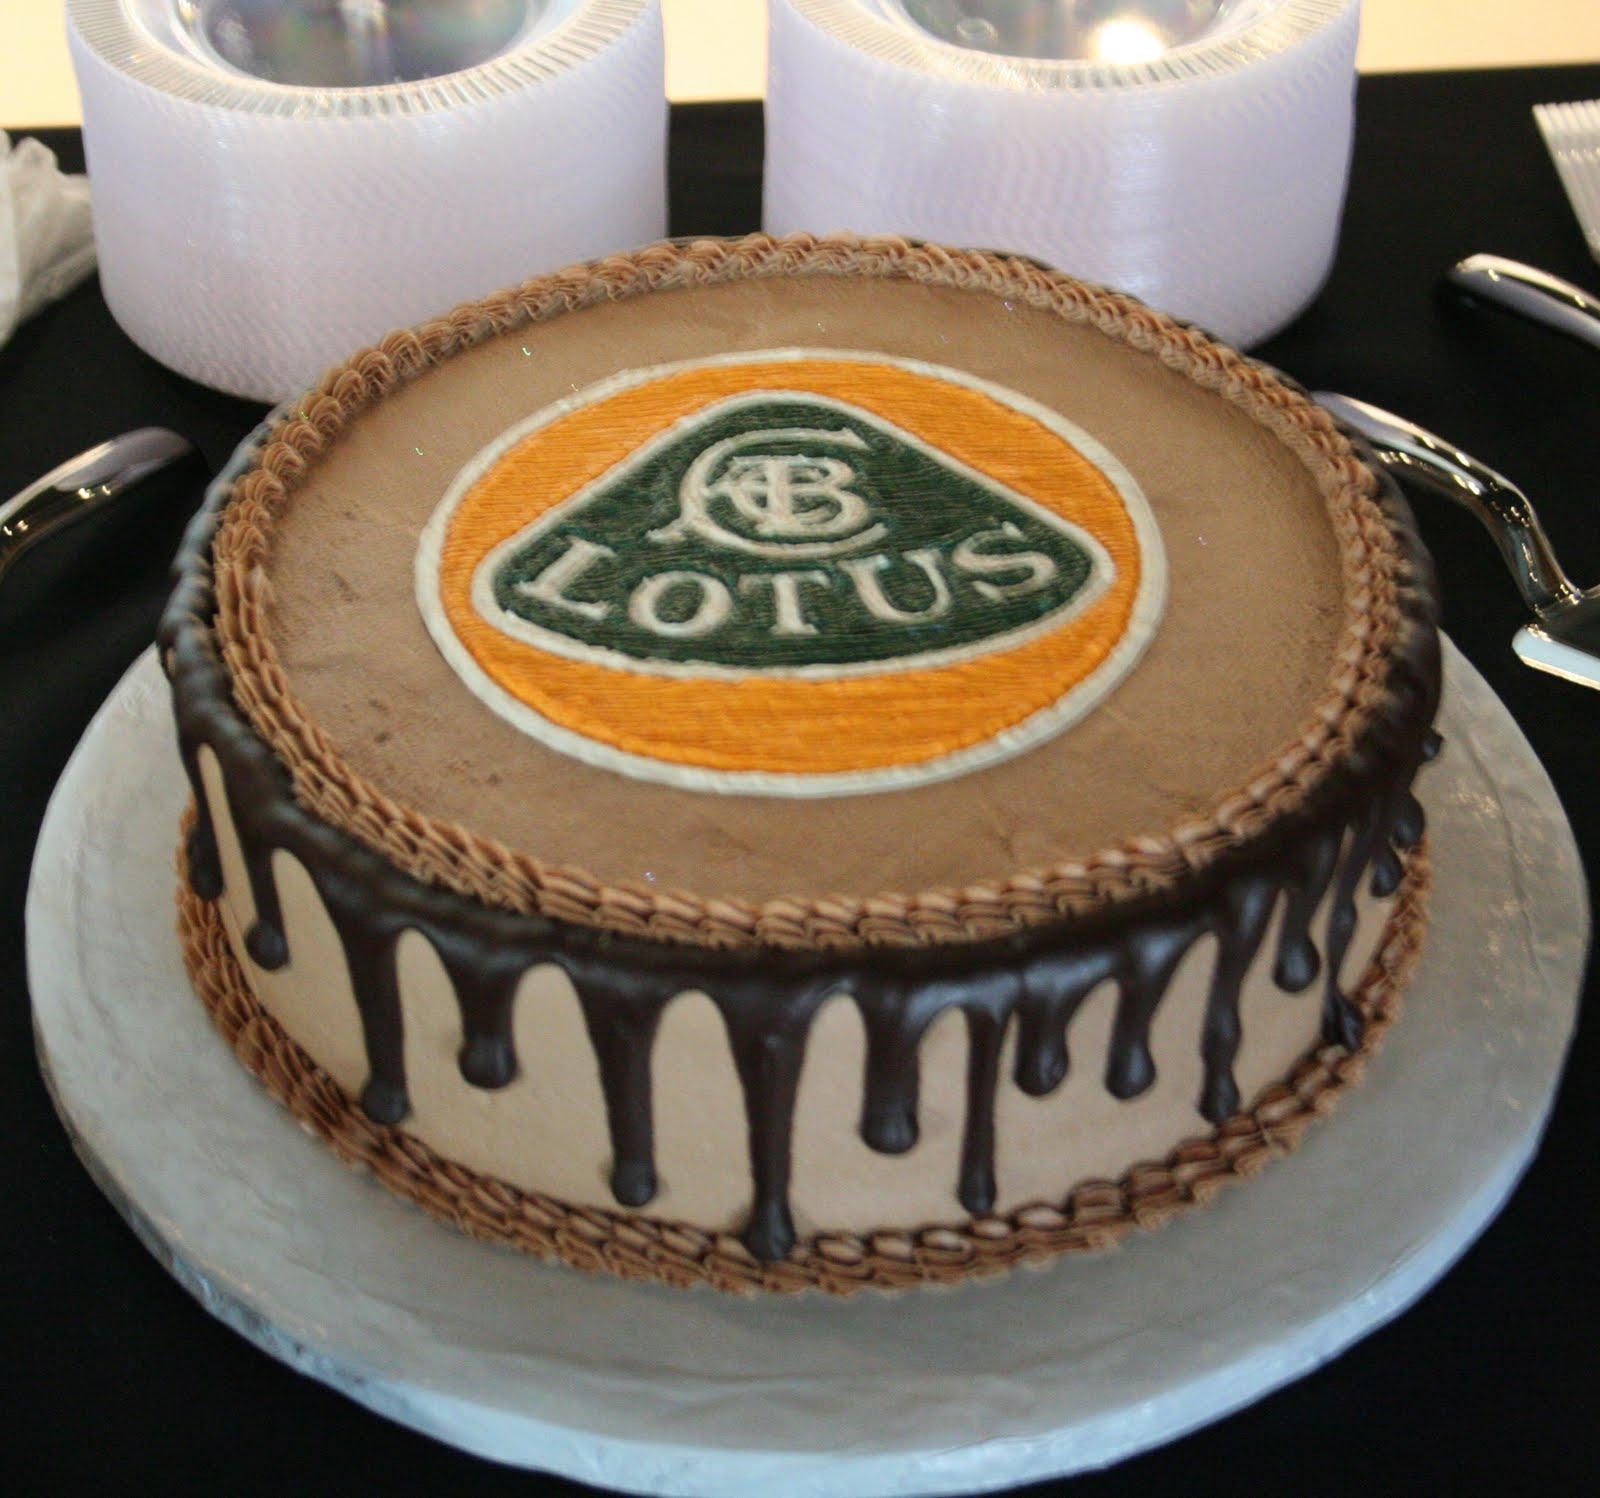 Lotus+cake.jpeg